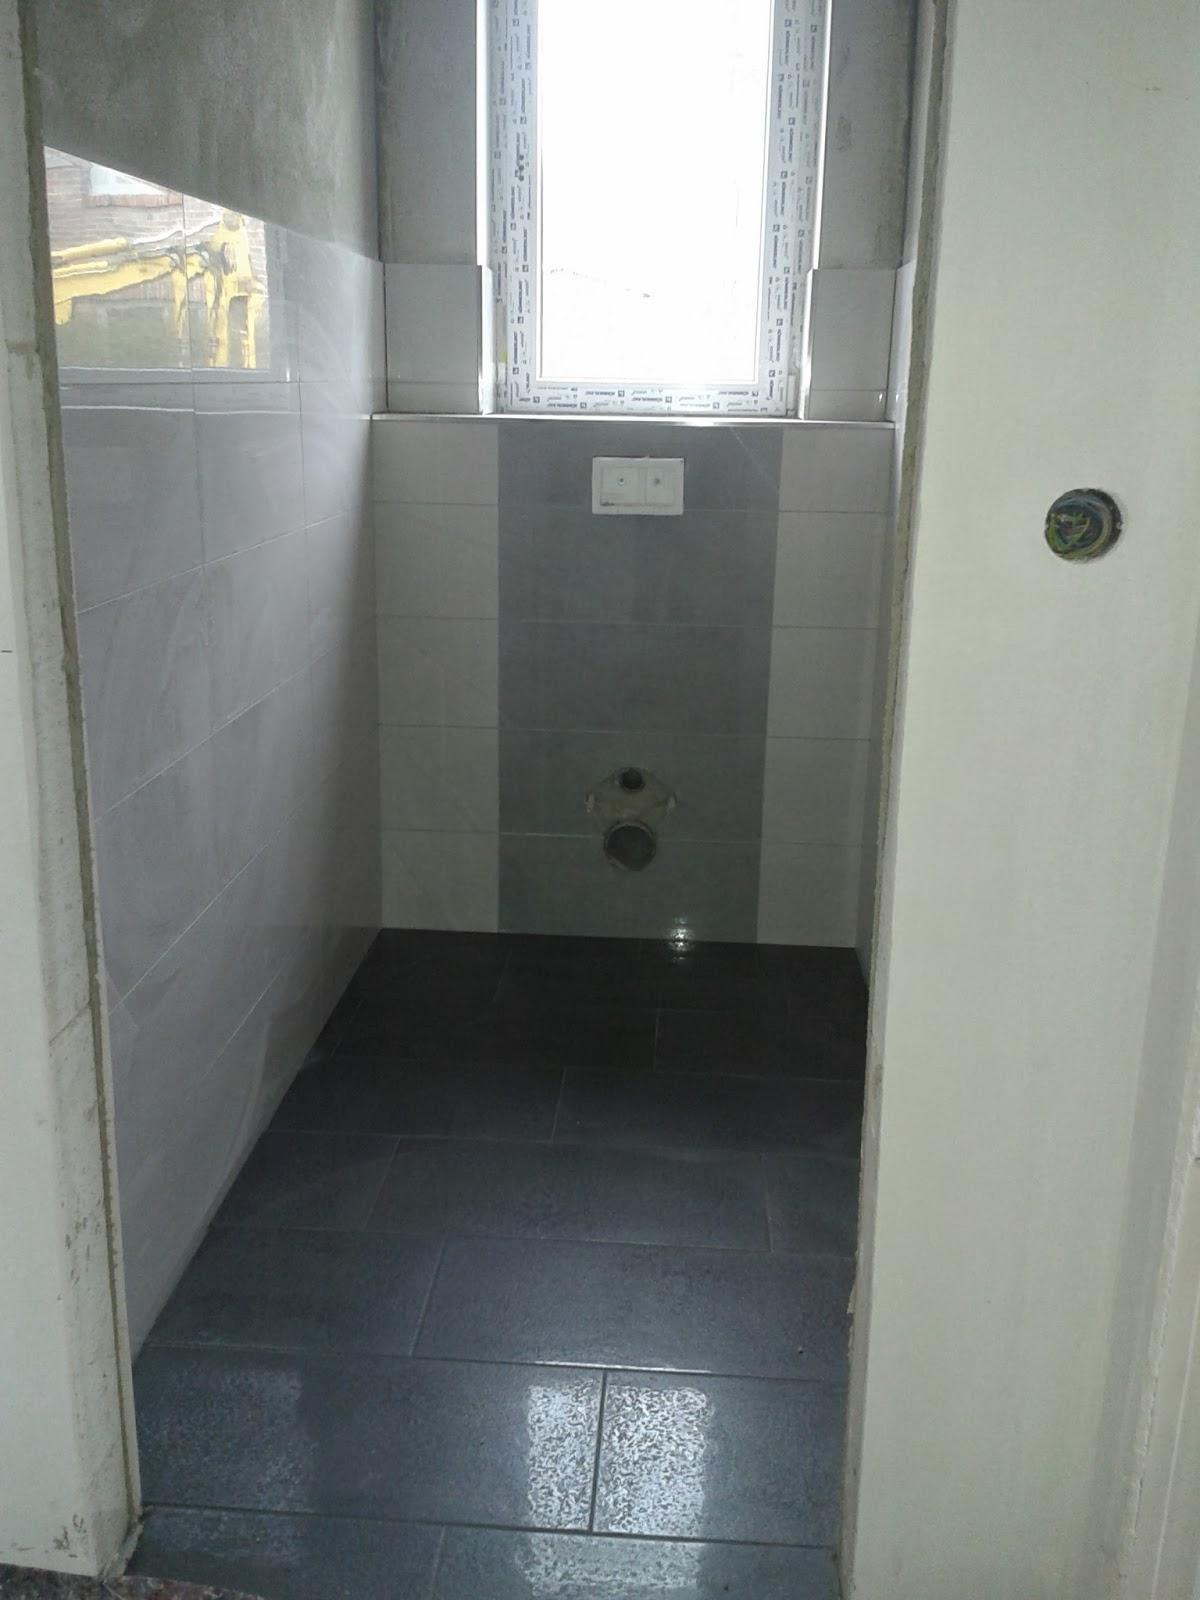 Bodentiefe Duschwanne bodentiefe duschwanne duschwanne mit duschrinne x aus mineralguss